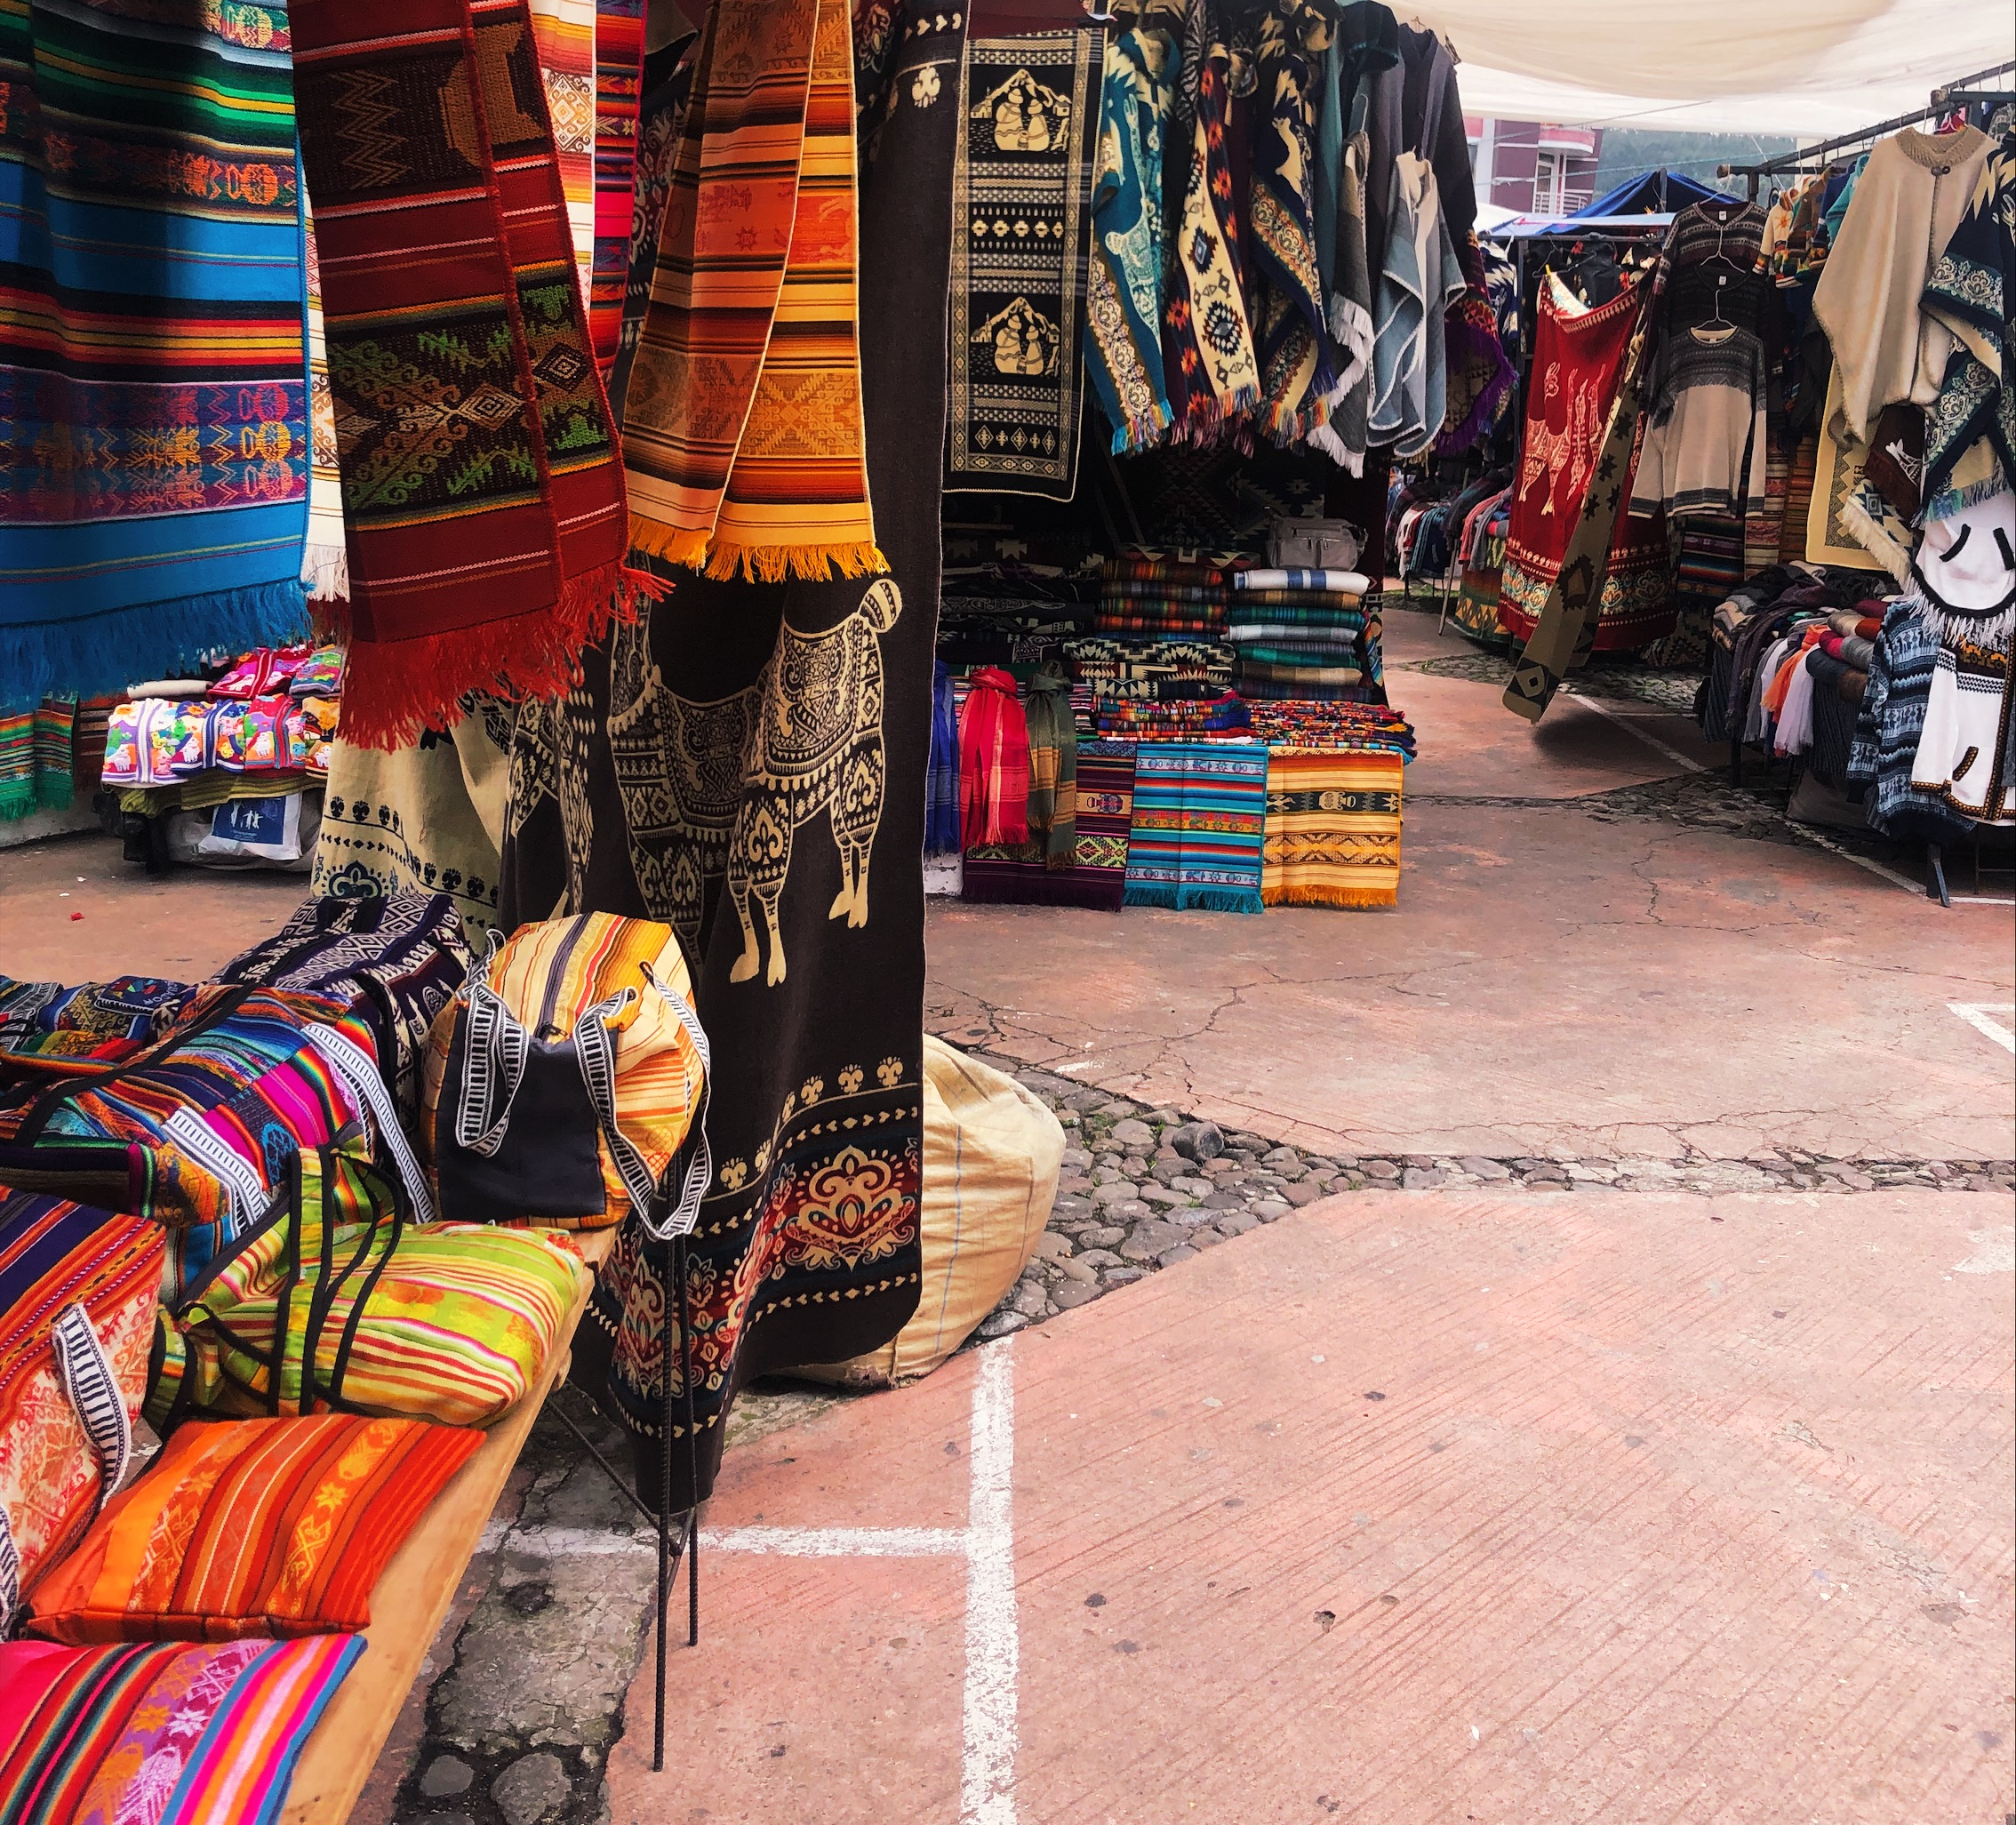 Otavalo textiles market - a must visit